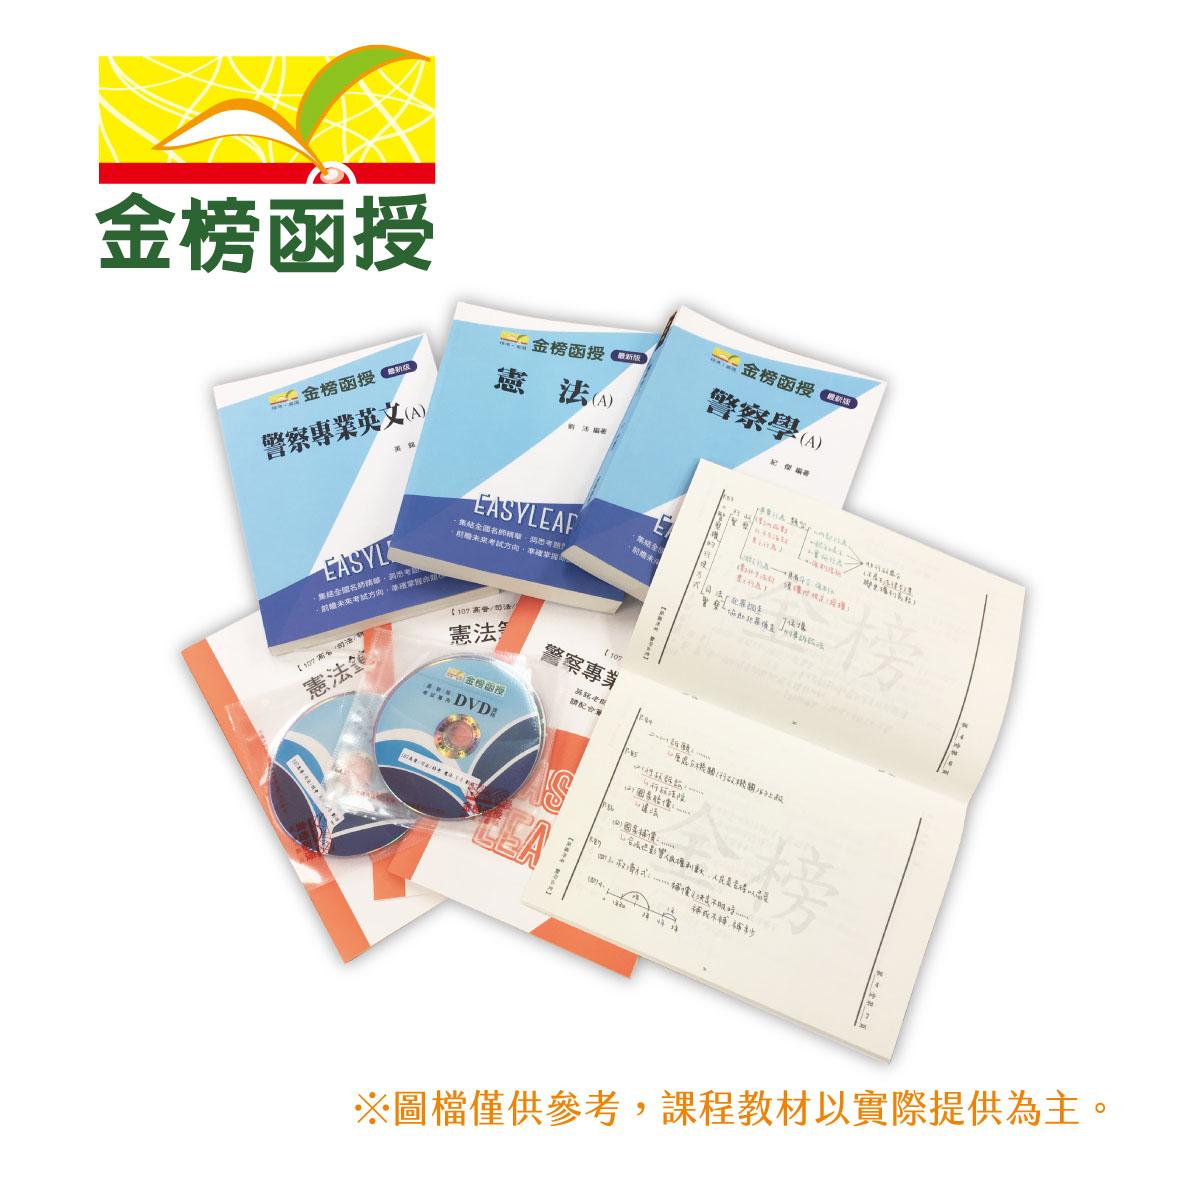 108金榜函授/高考三级/年度课程/全套/人事行政/DVD/专业科目